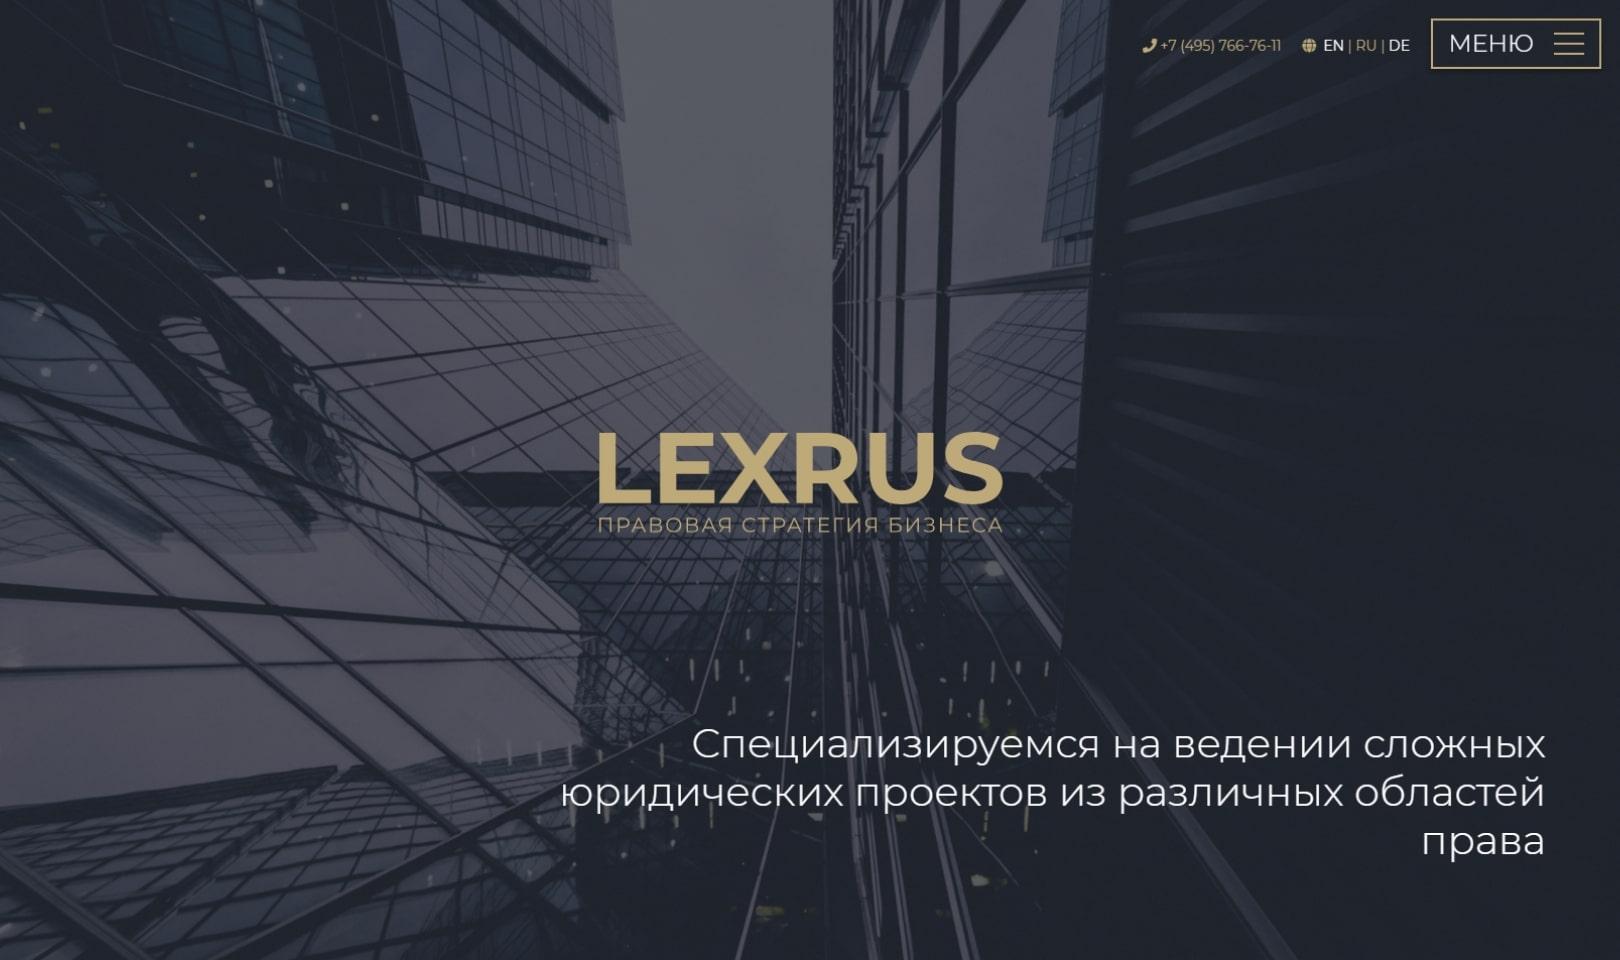 Промо-сайт юридической компании